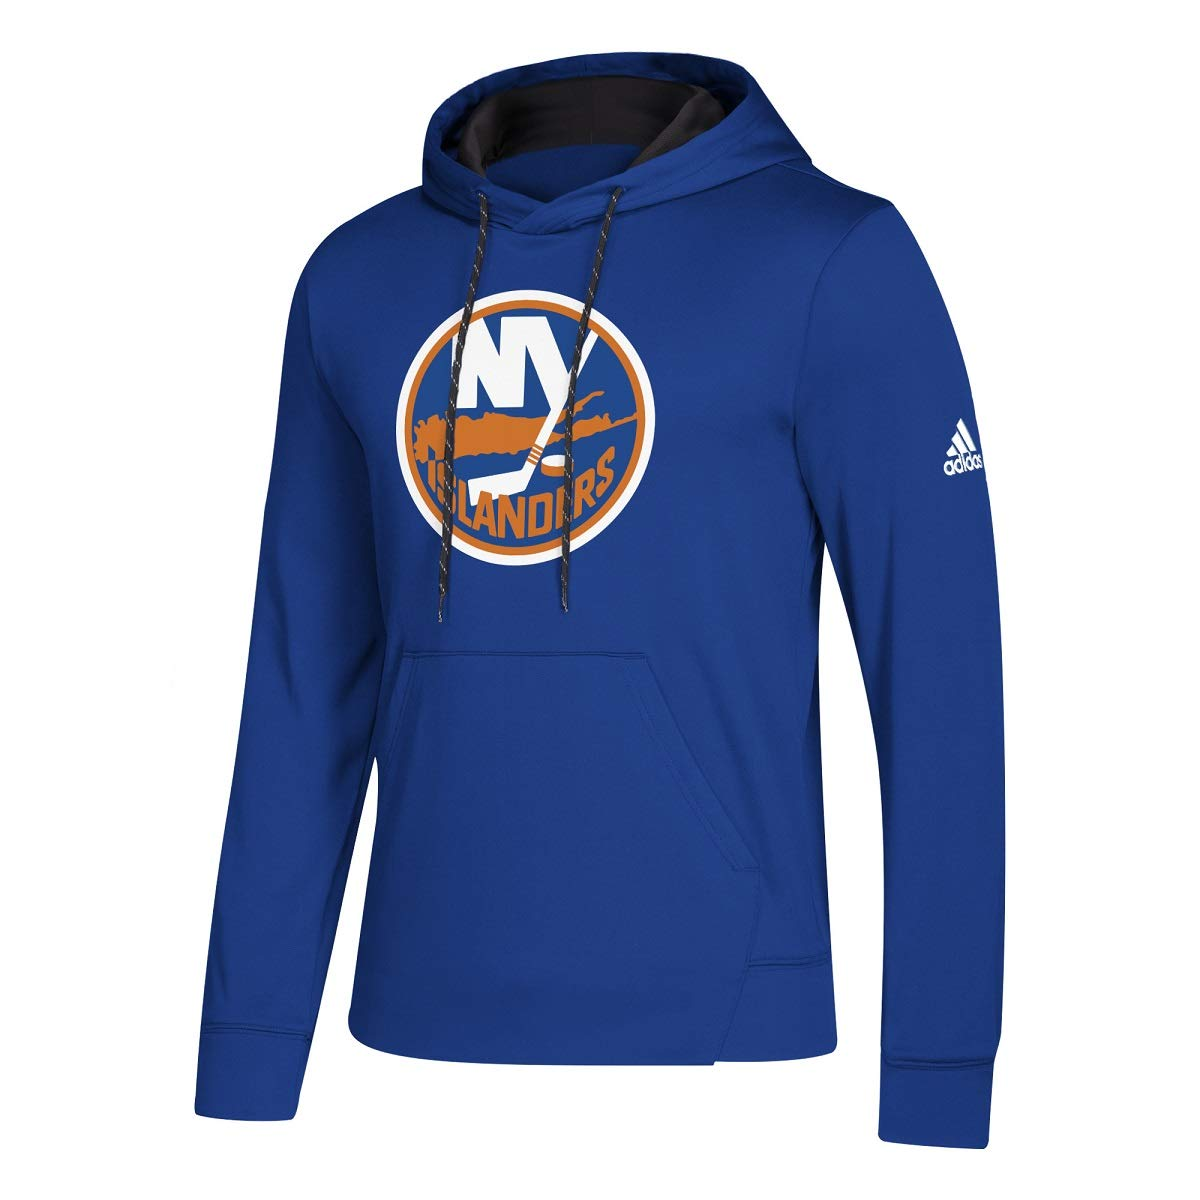 899025de3 Amazon.com  adidas New York Islanders Blue 2018-19 Synthetic Hooded  Sweatshirt Hoody  Clothing